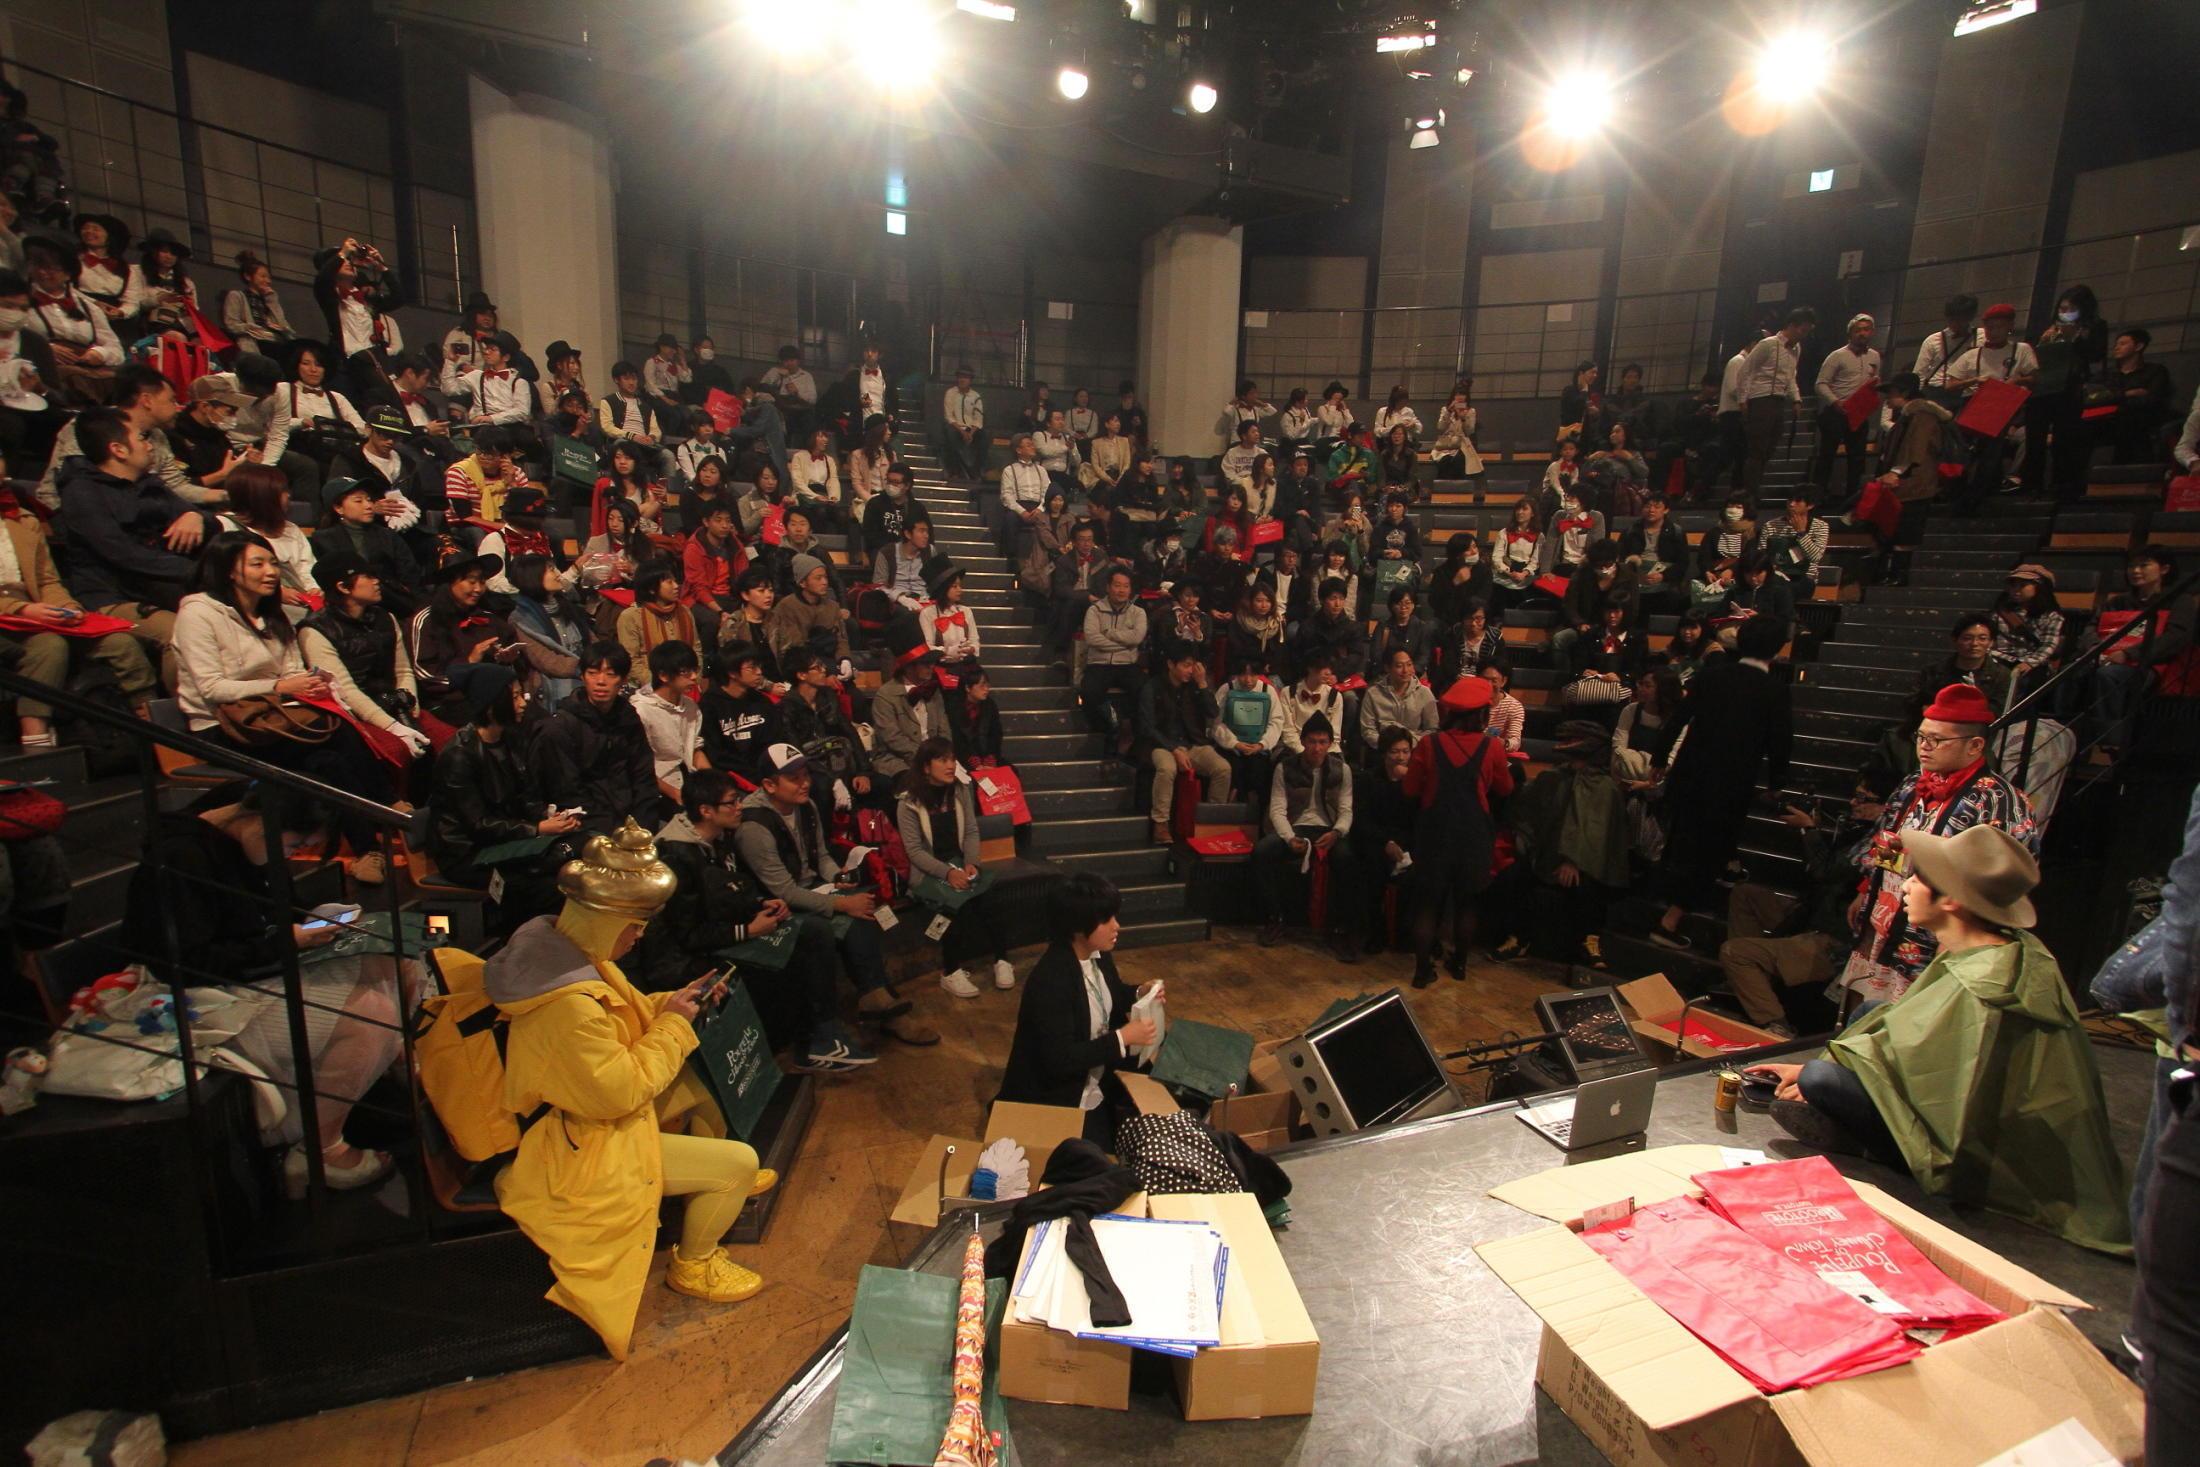 http://news.yoshimoto.co.jp/20161031084604-307121268e94e279a30f5cdfddf9ac461e4ade36.jpg